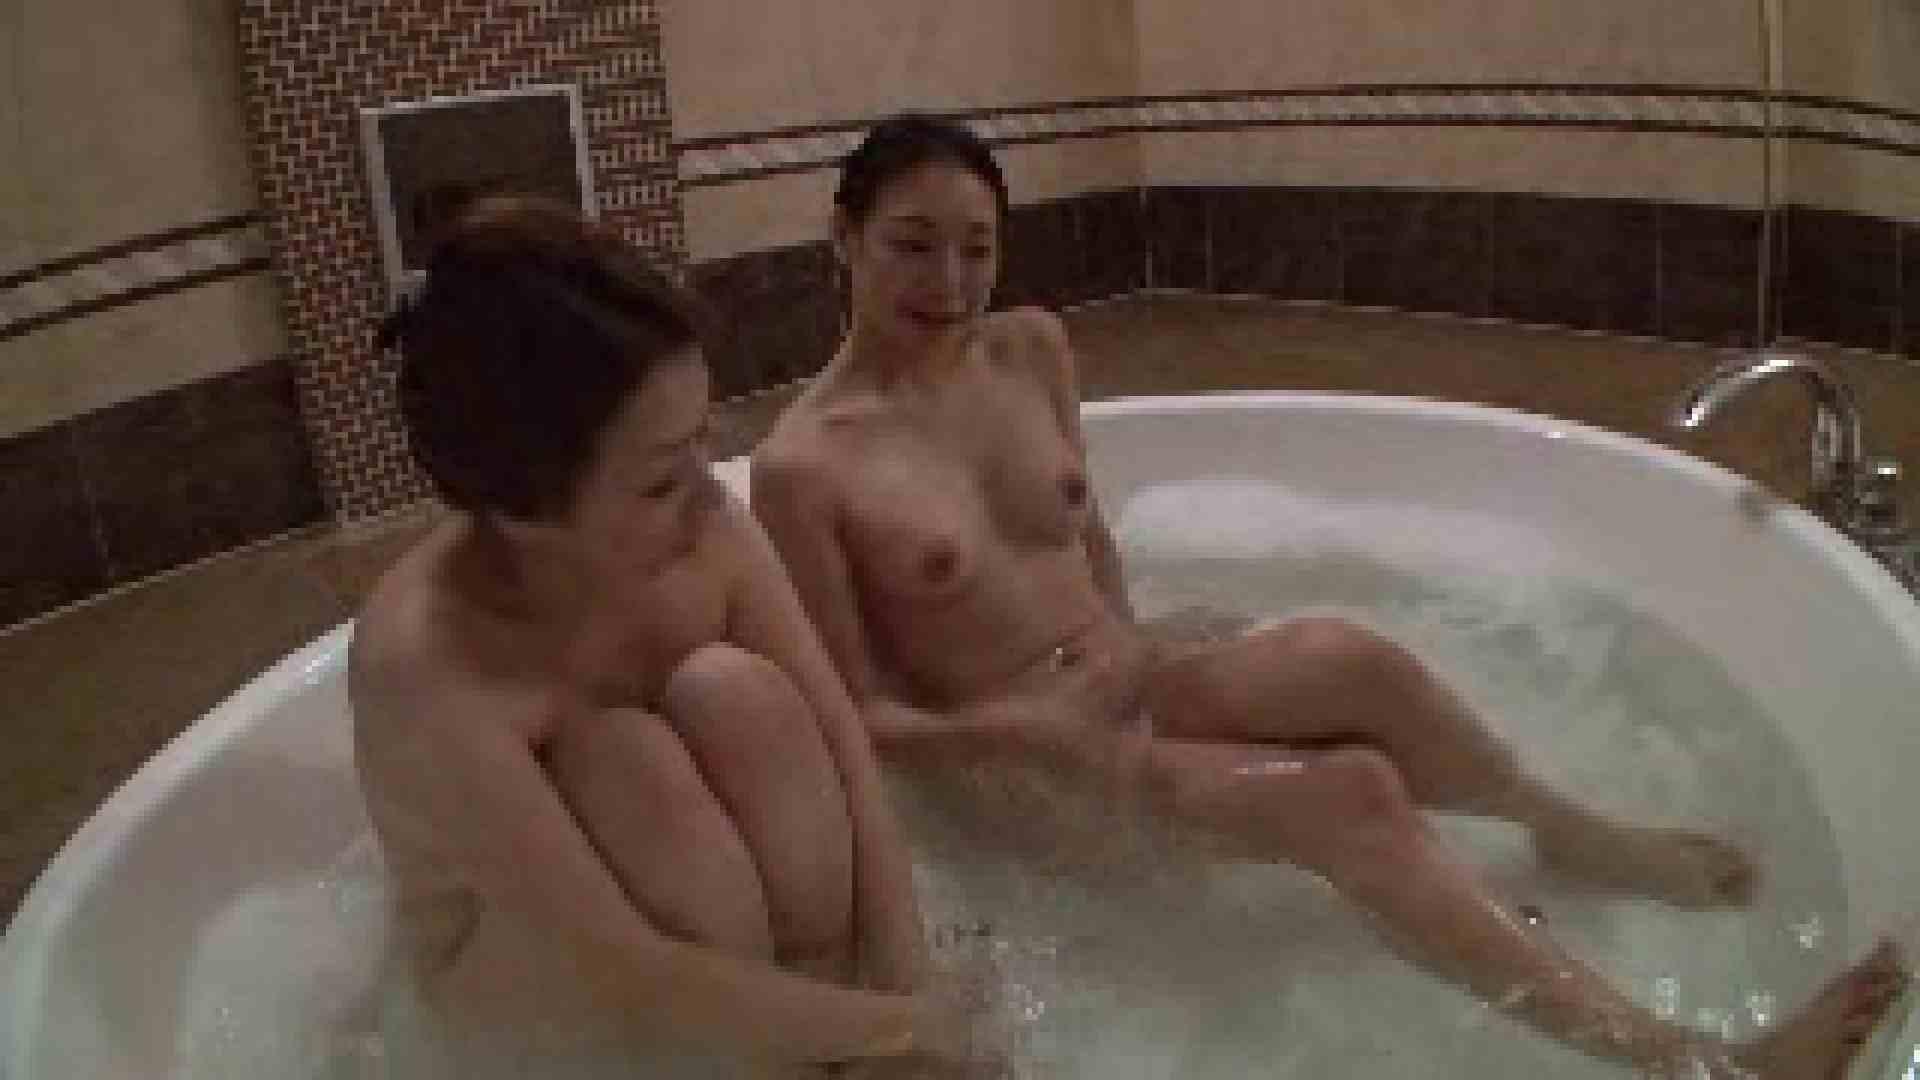 親友同士で競演 超美形熟女のSEXパーティ Vol.06 OL裸体 | 熟女の裸体  98画像 62